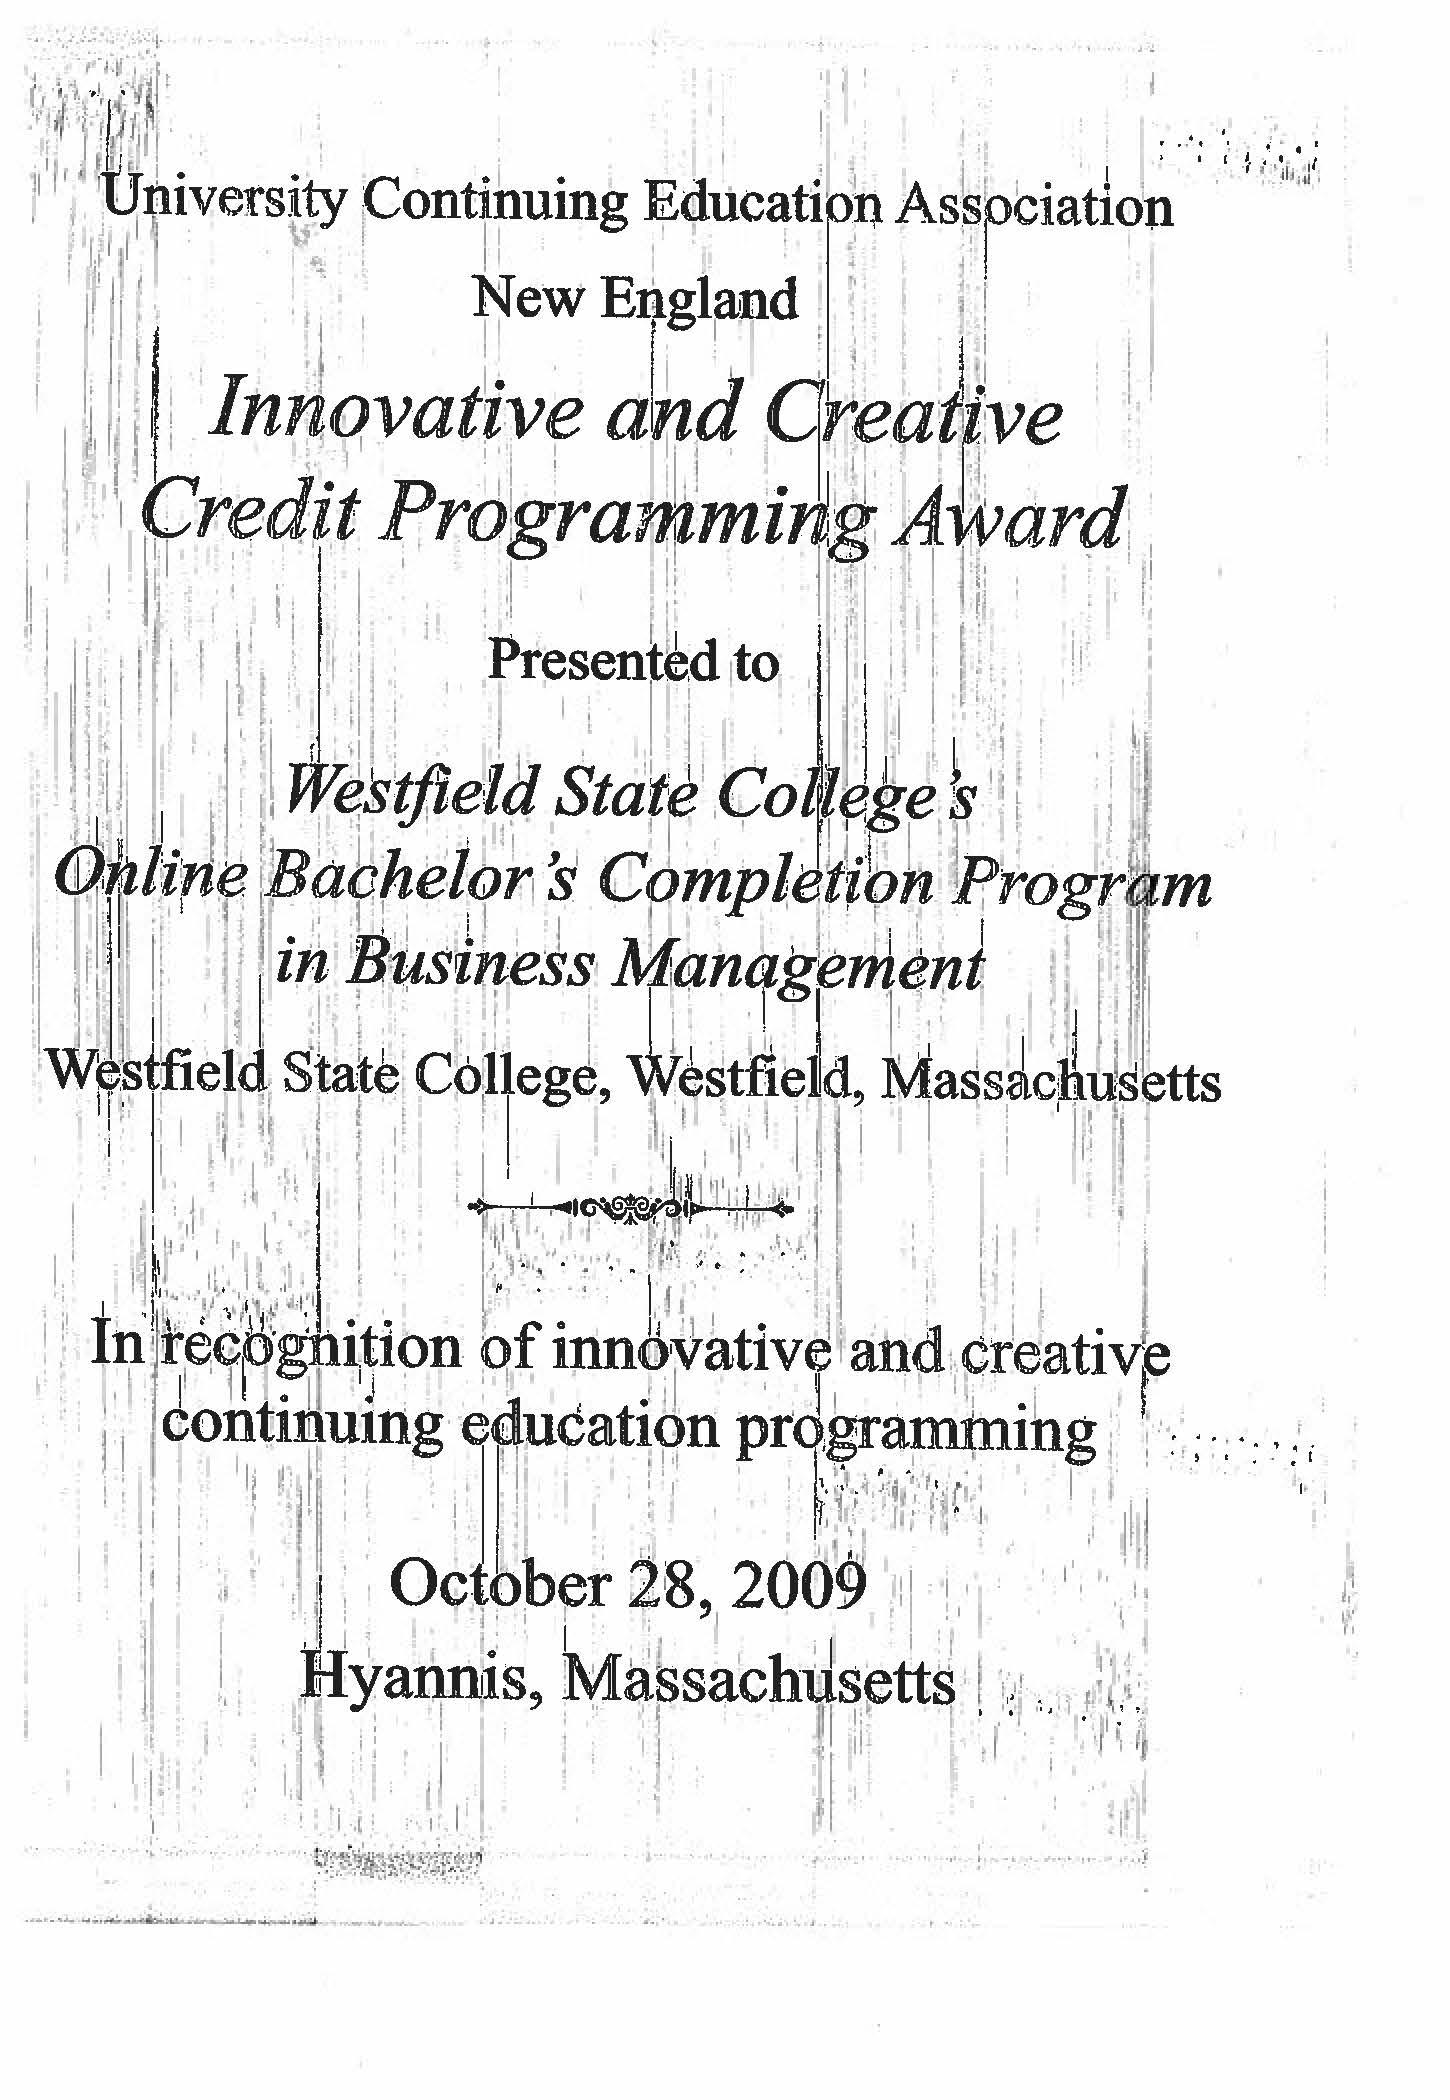 UCEA award